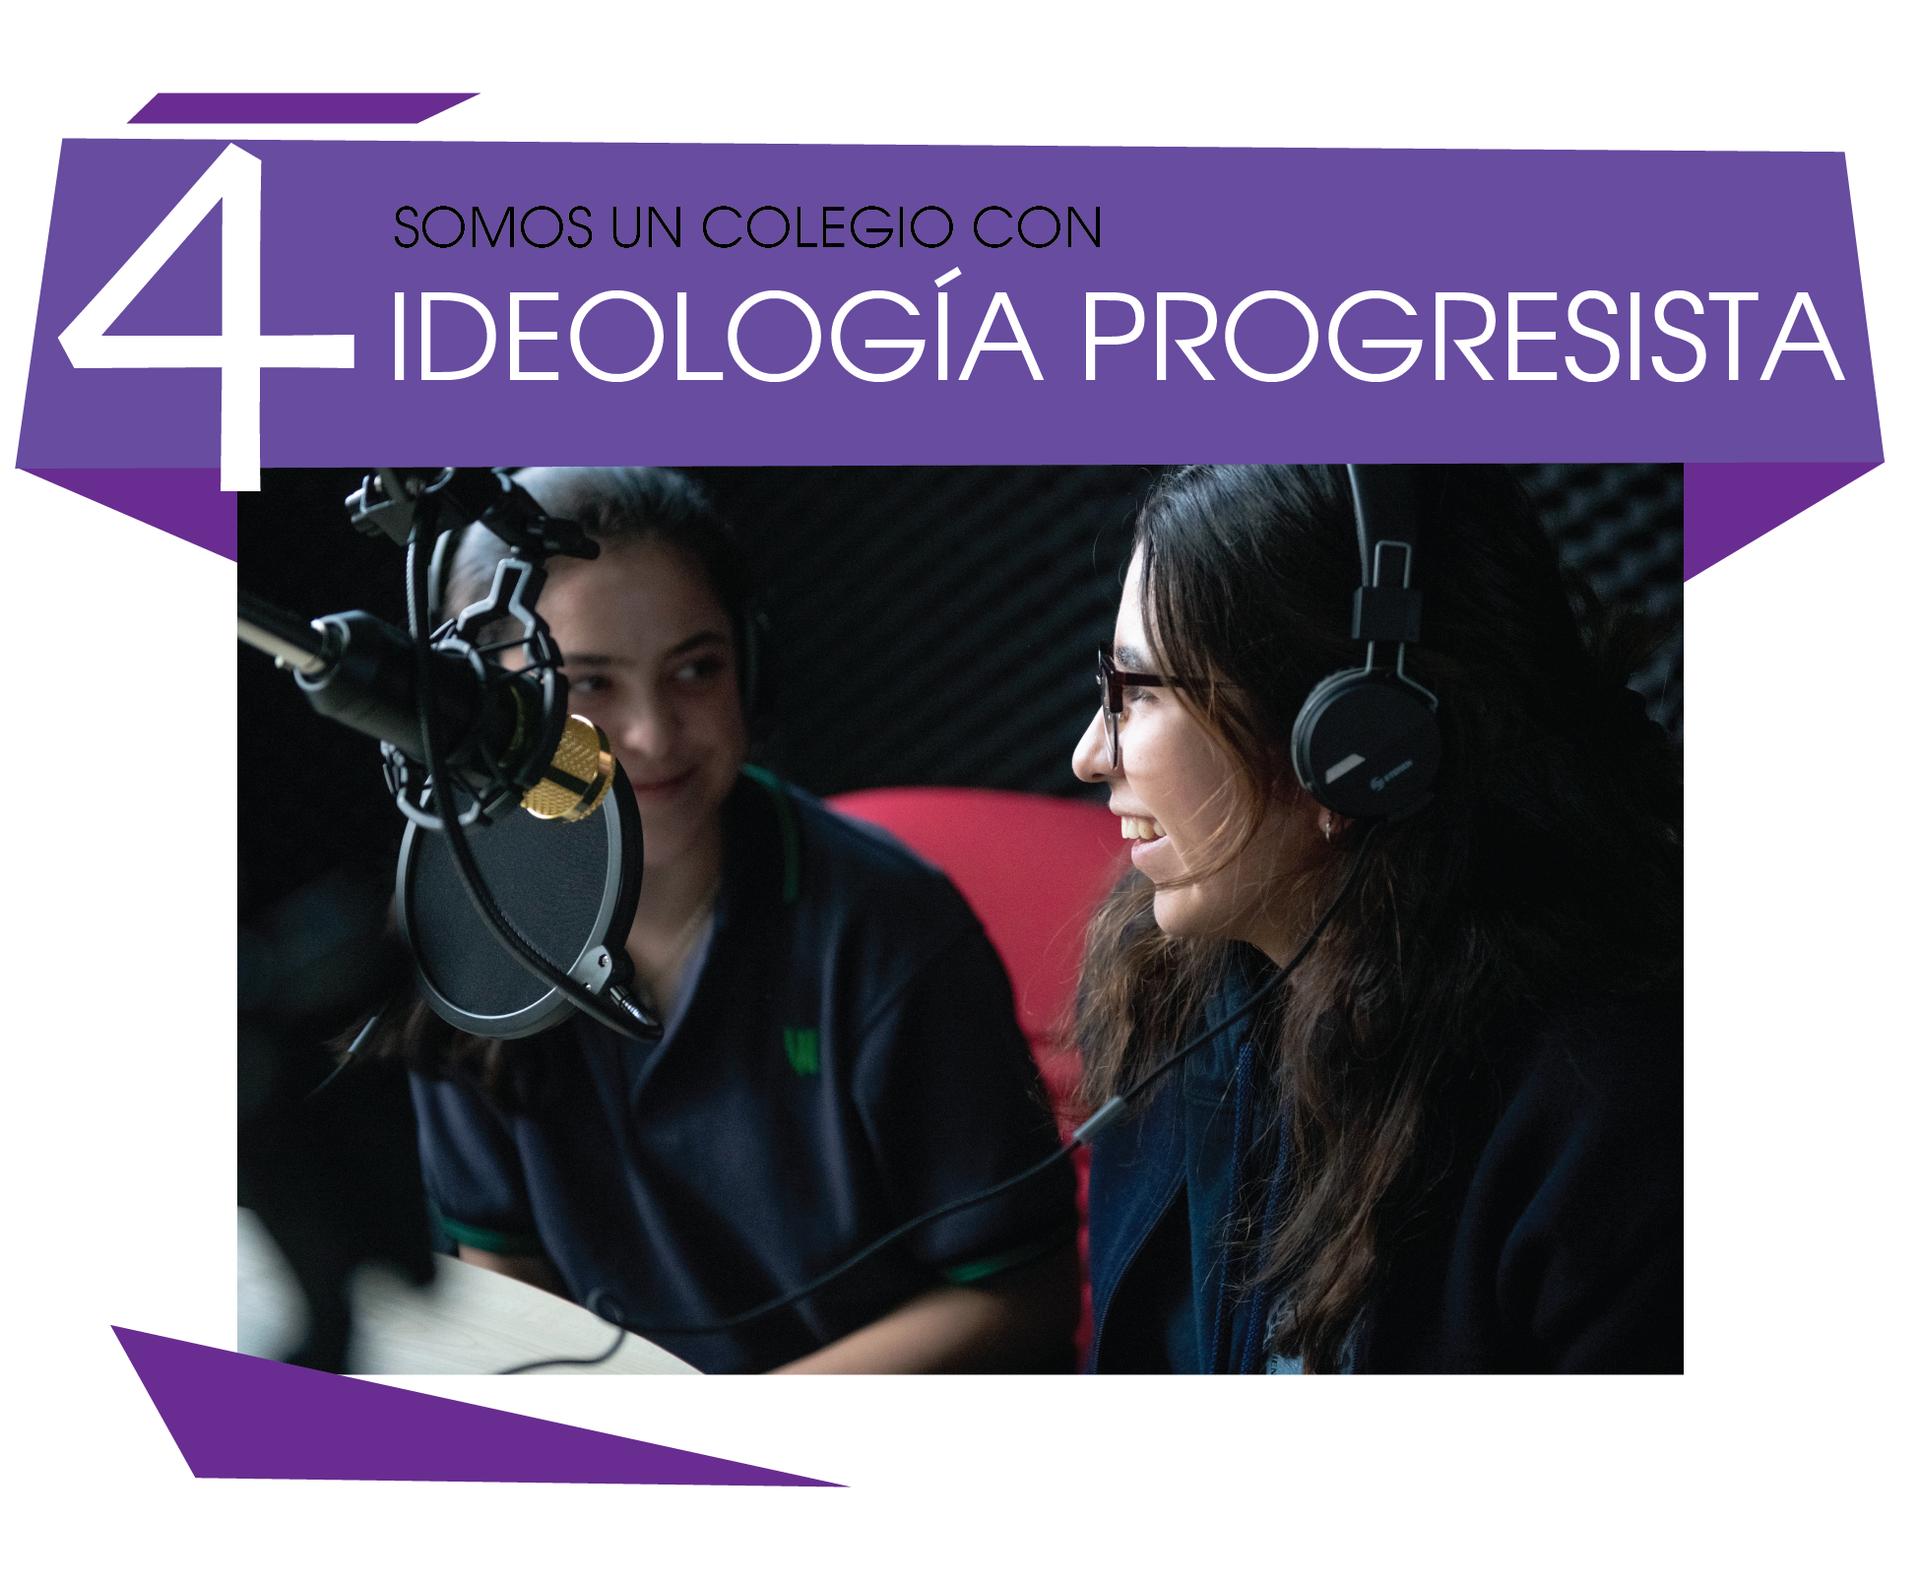 Ideología progresista